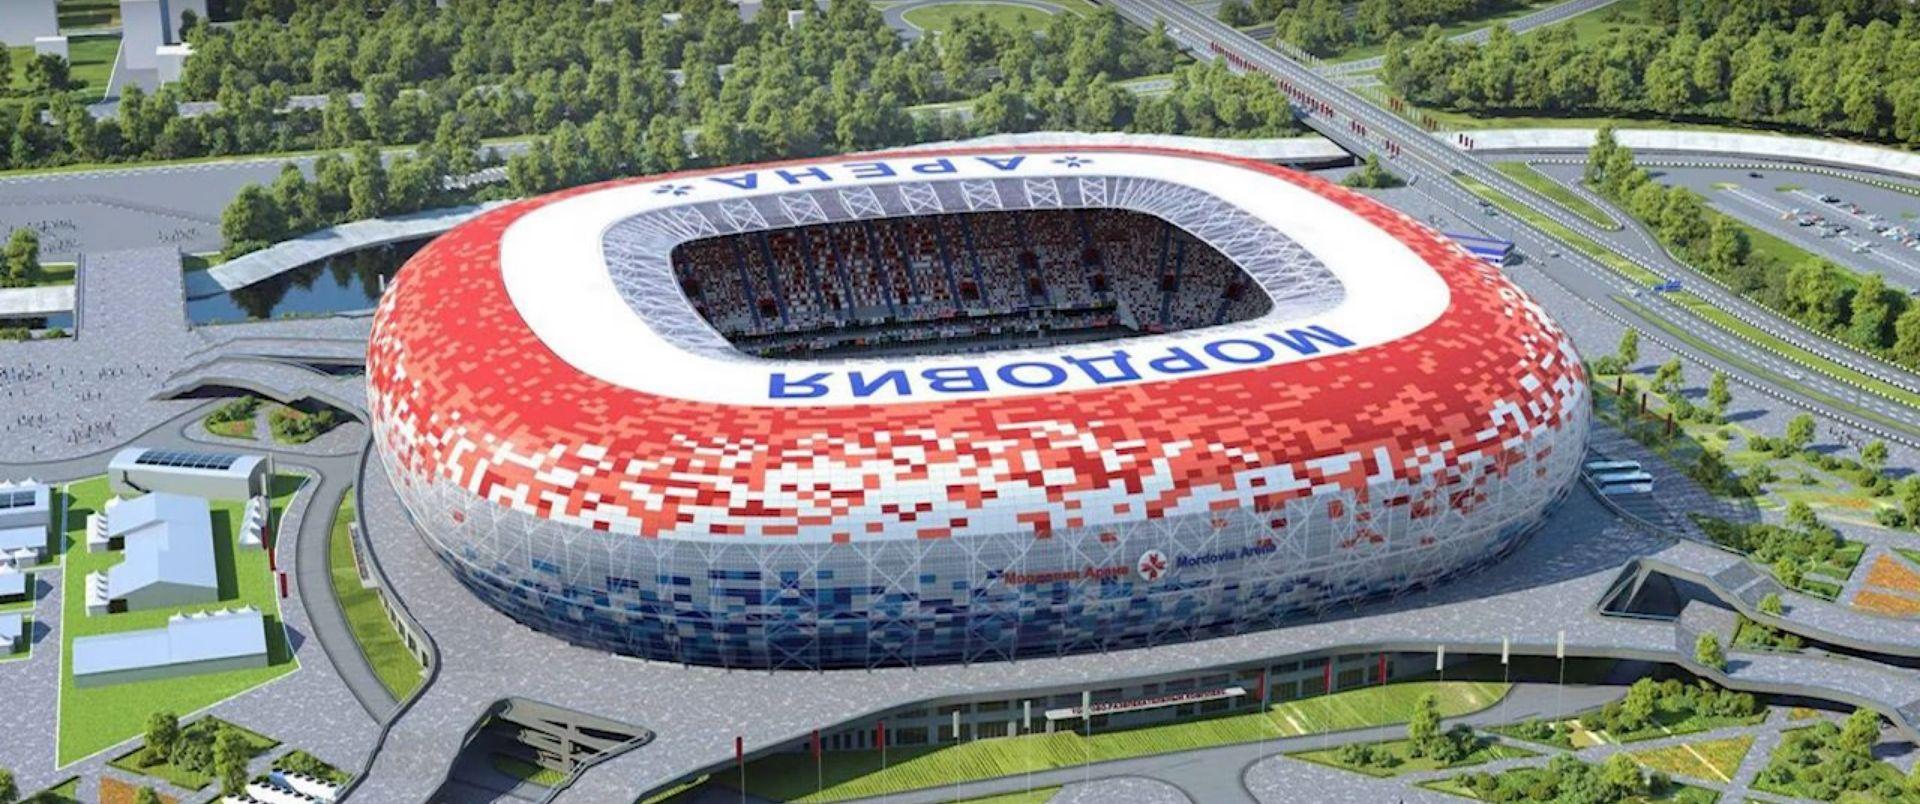 Prodano gotovo 1,7 milijuna ulaznica za SP u Rusiji